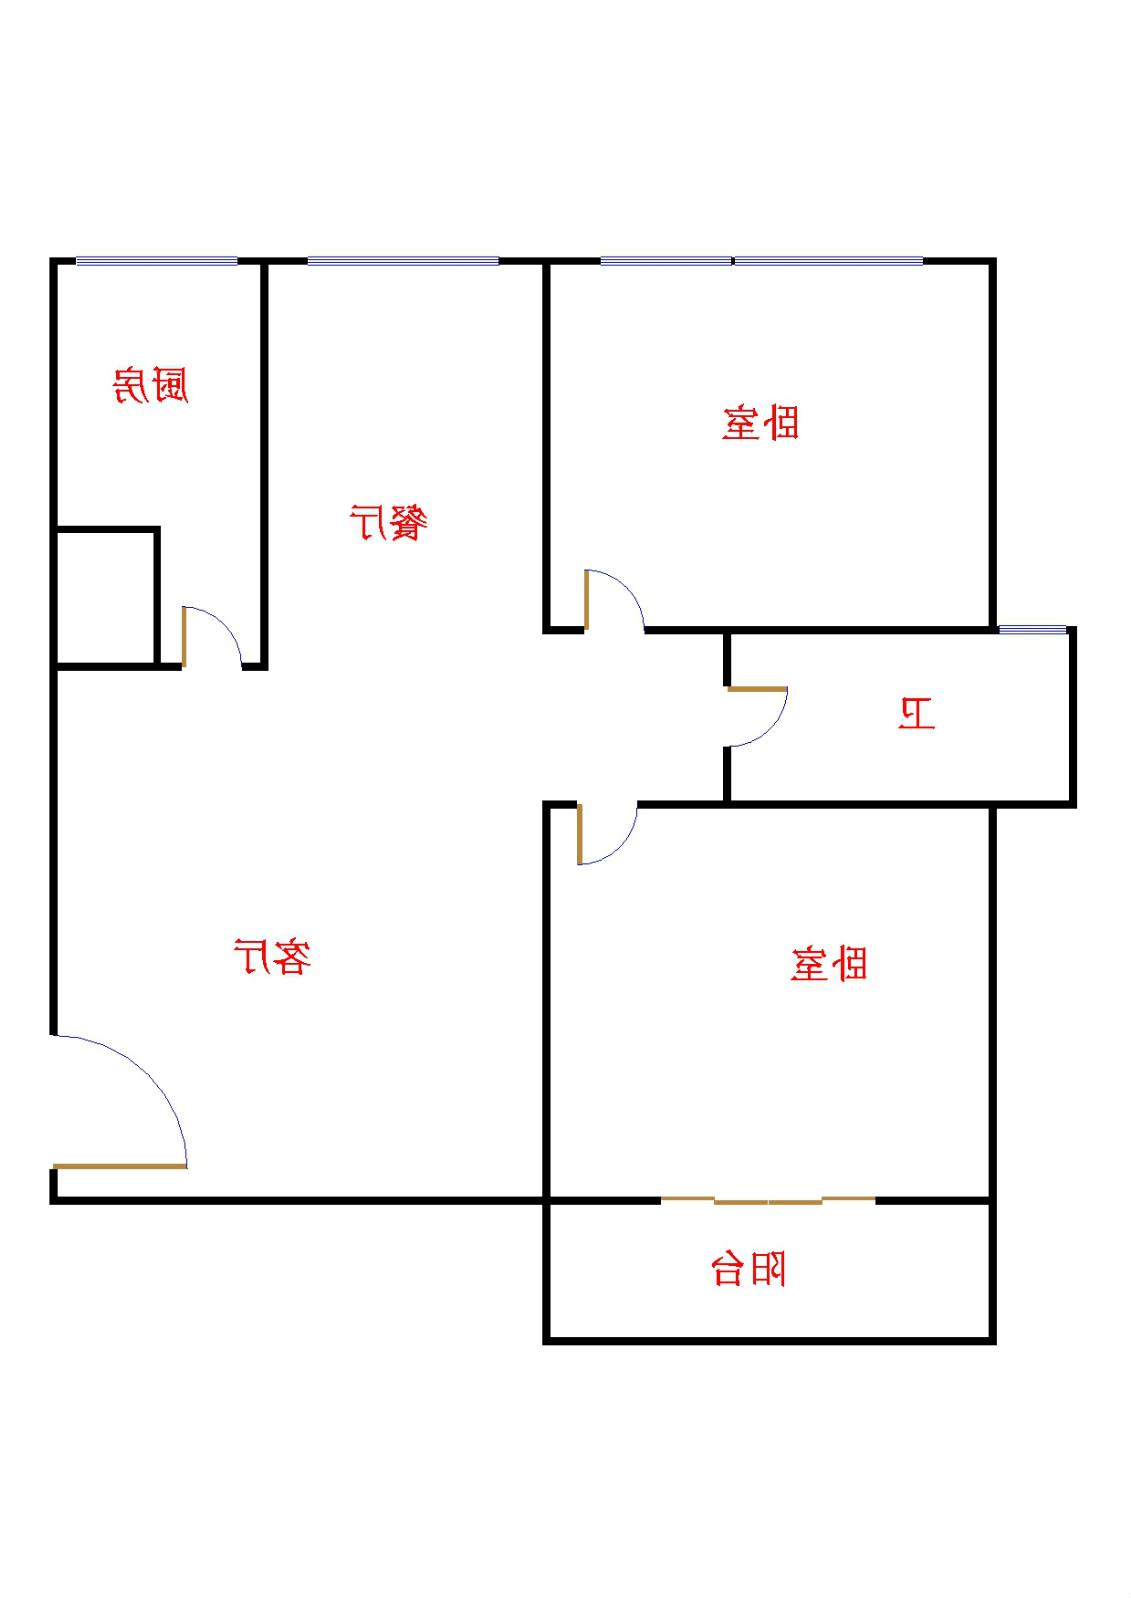 十三局宿舍东区 2室2厅 4楼